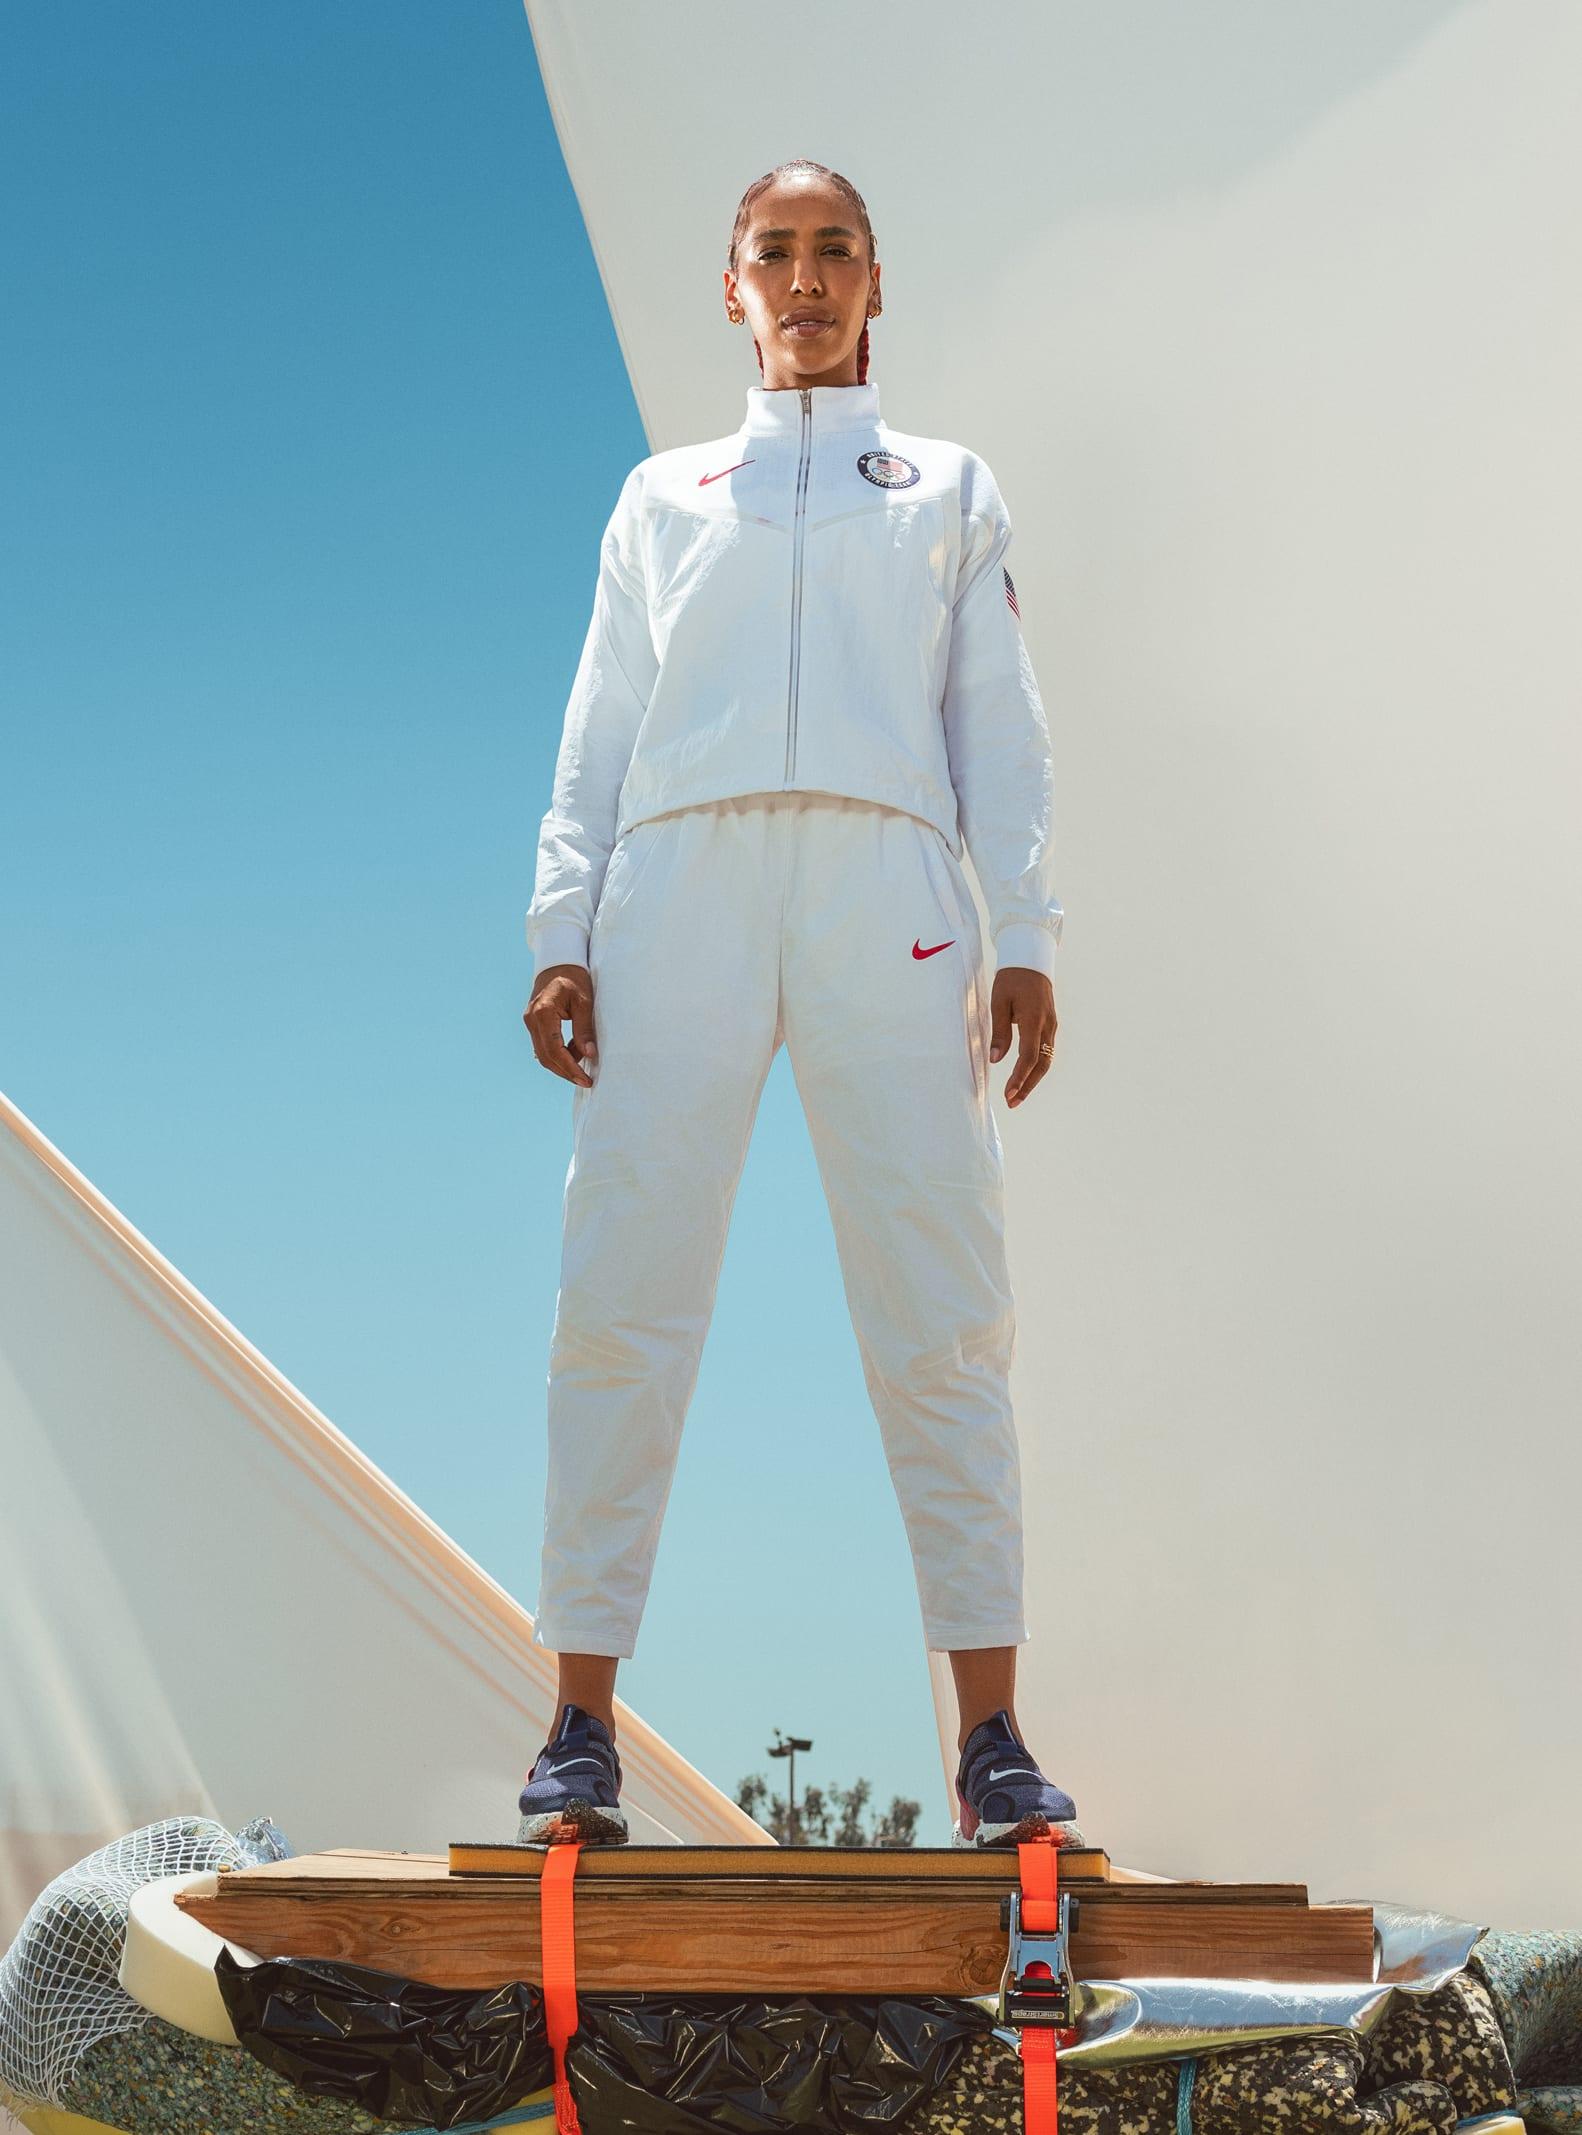 Nike Team USA Medal Stand Kit